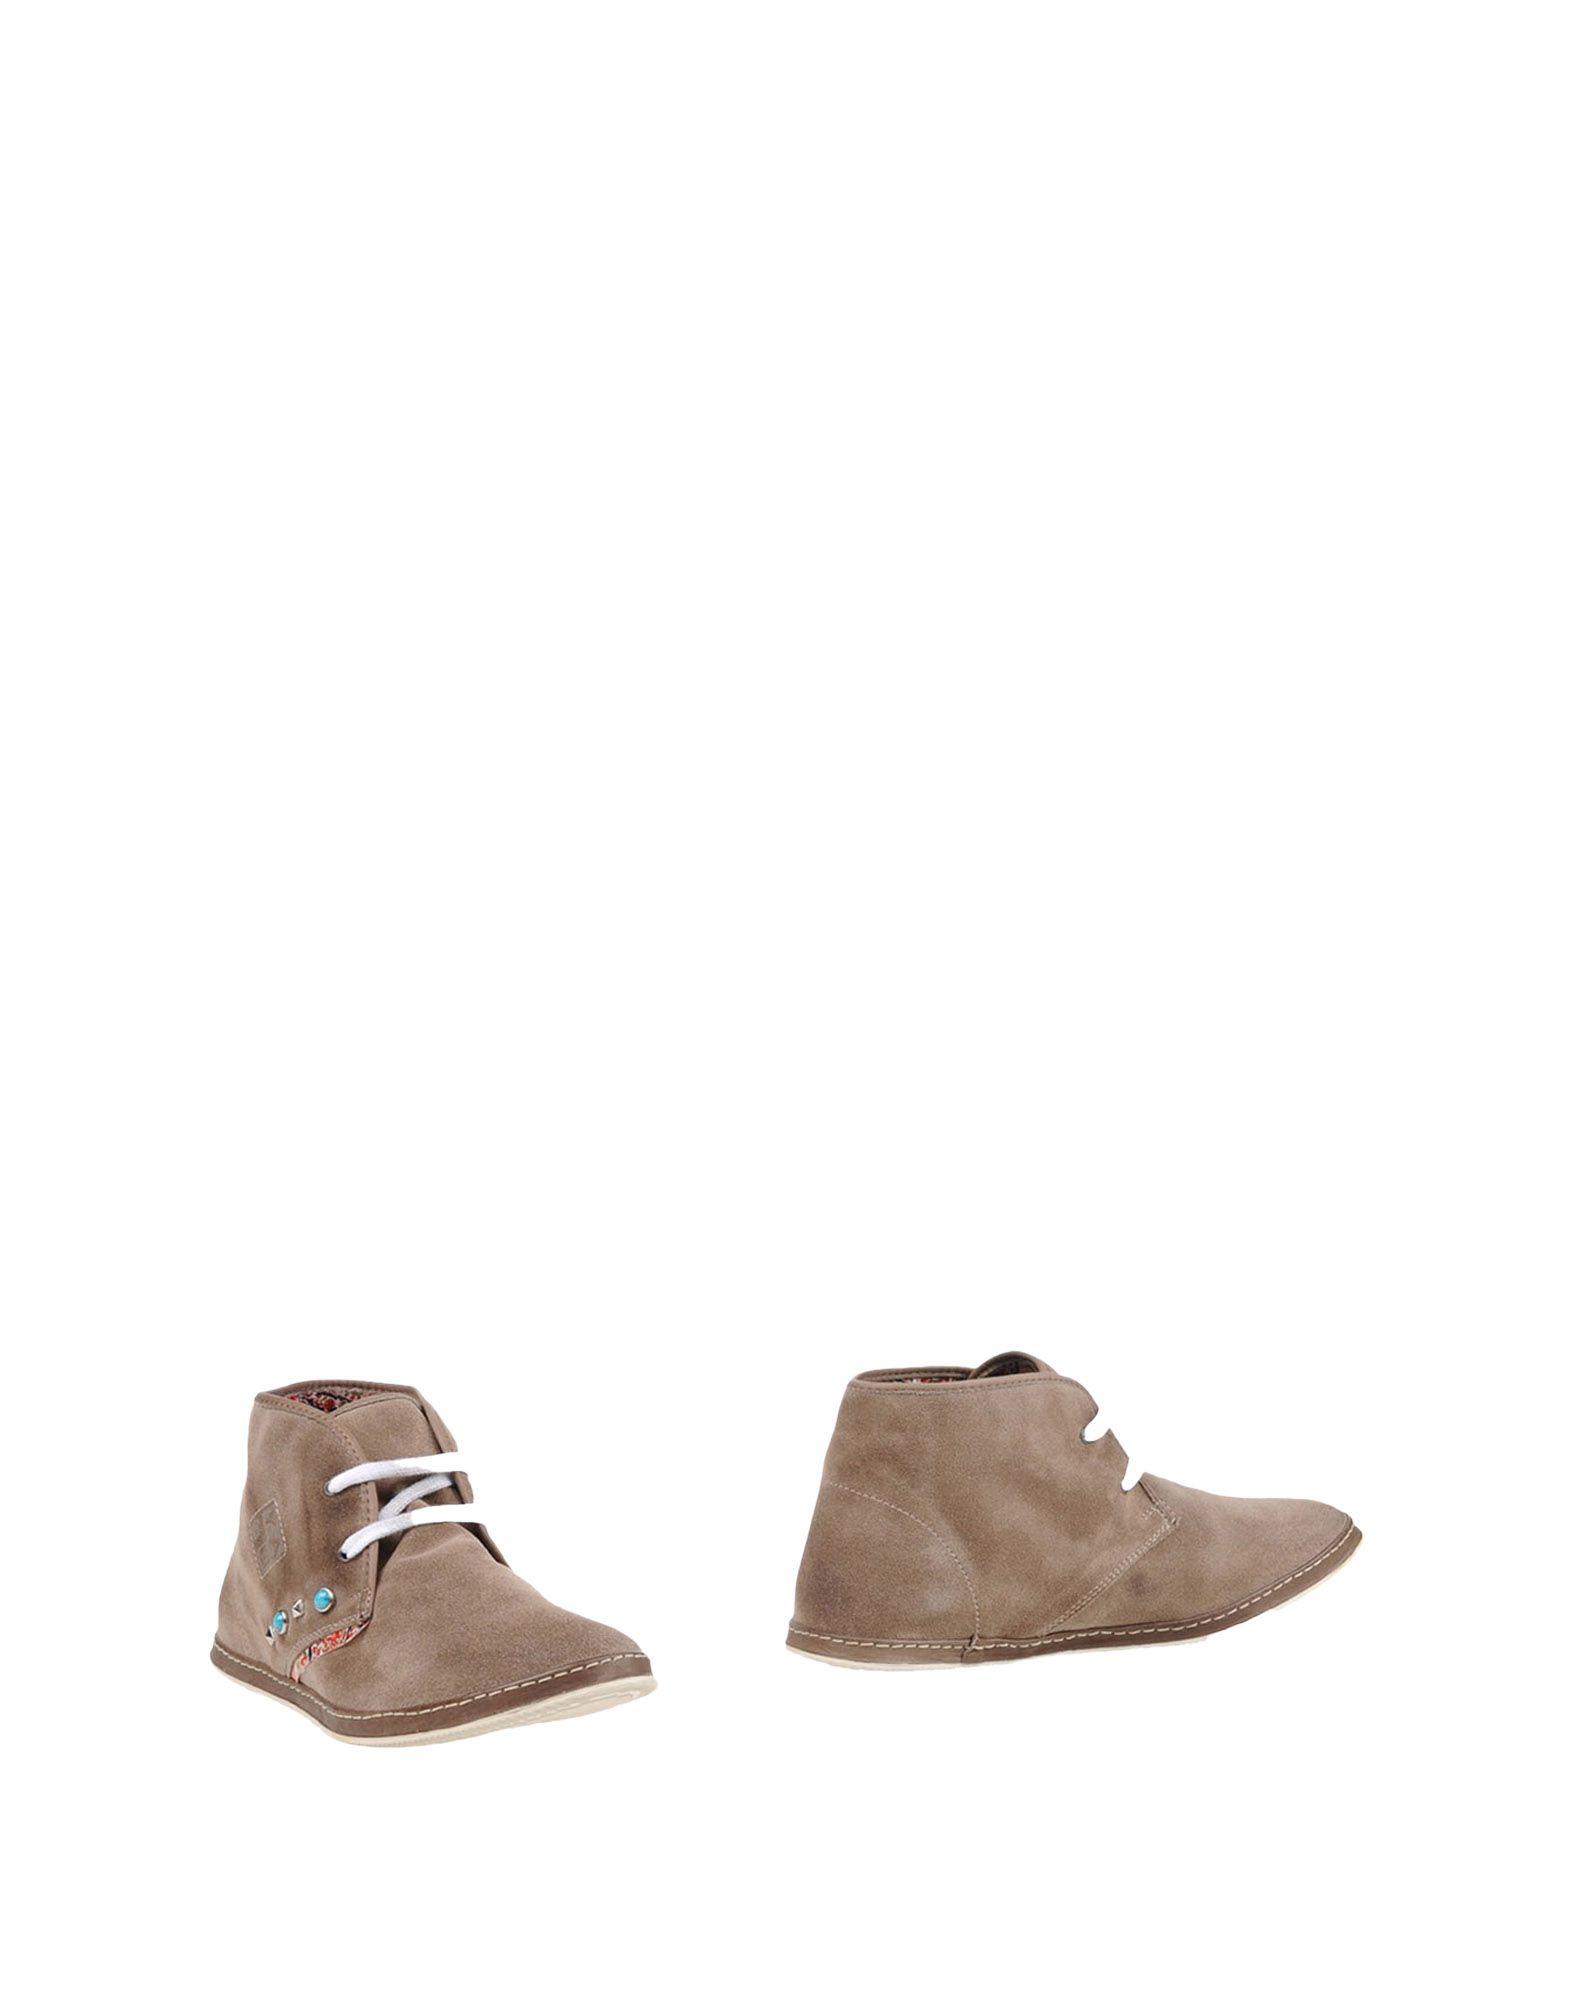 Haltbare Mode billige Schuhe Yab Stiefelette Herren  11361207FC Heiße Schuhe